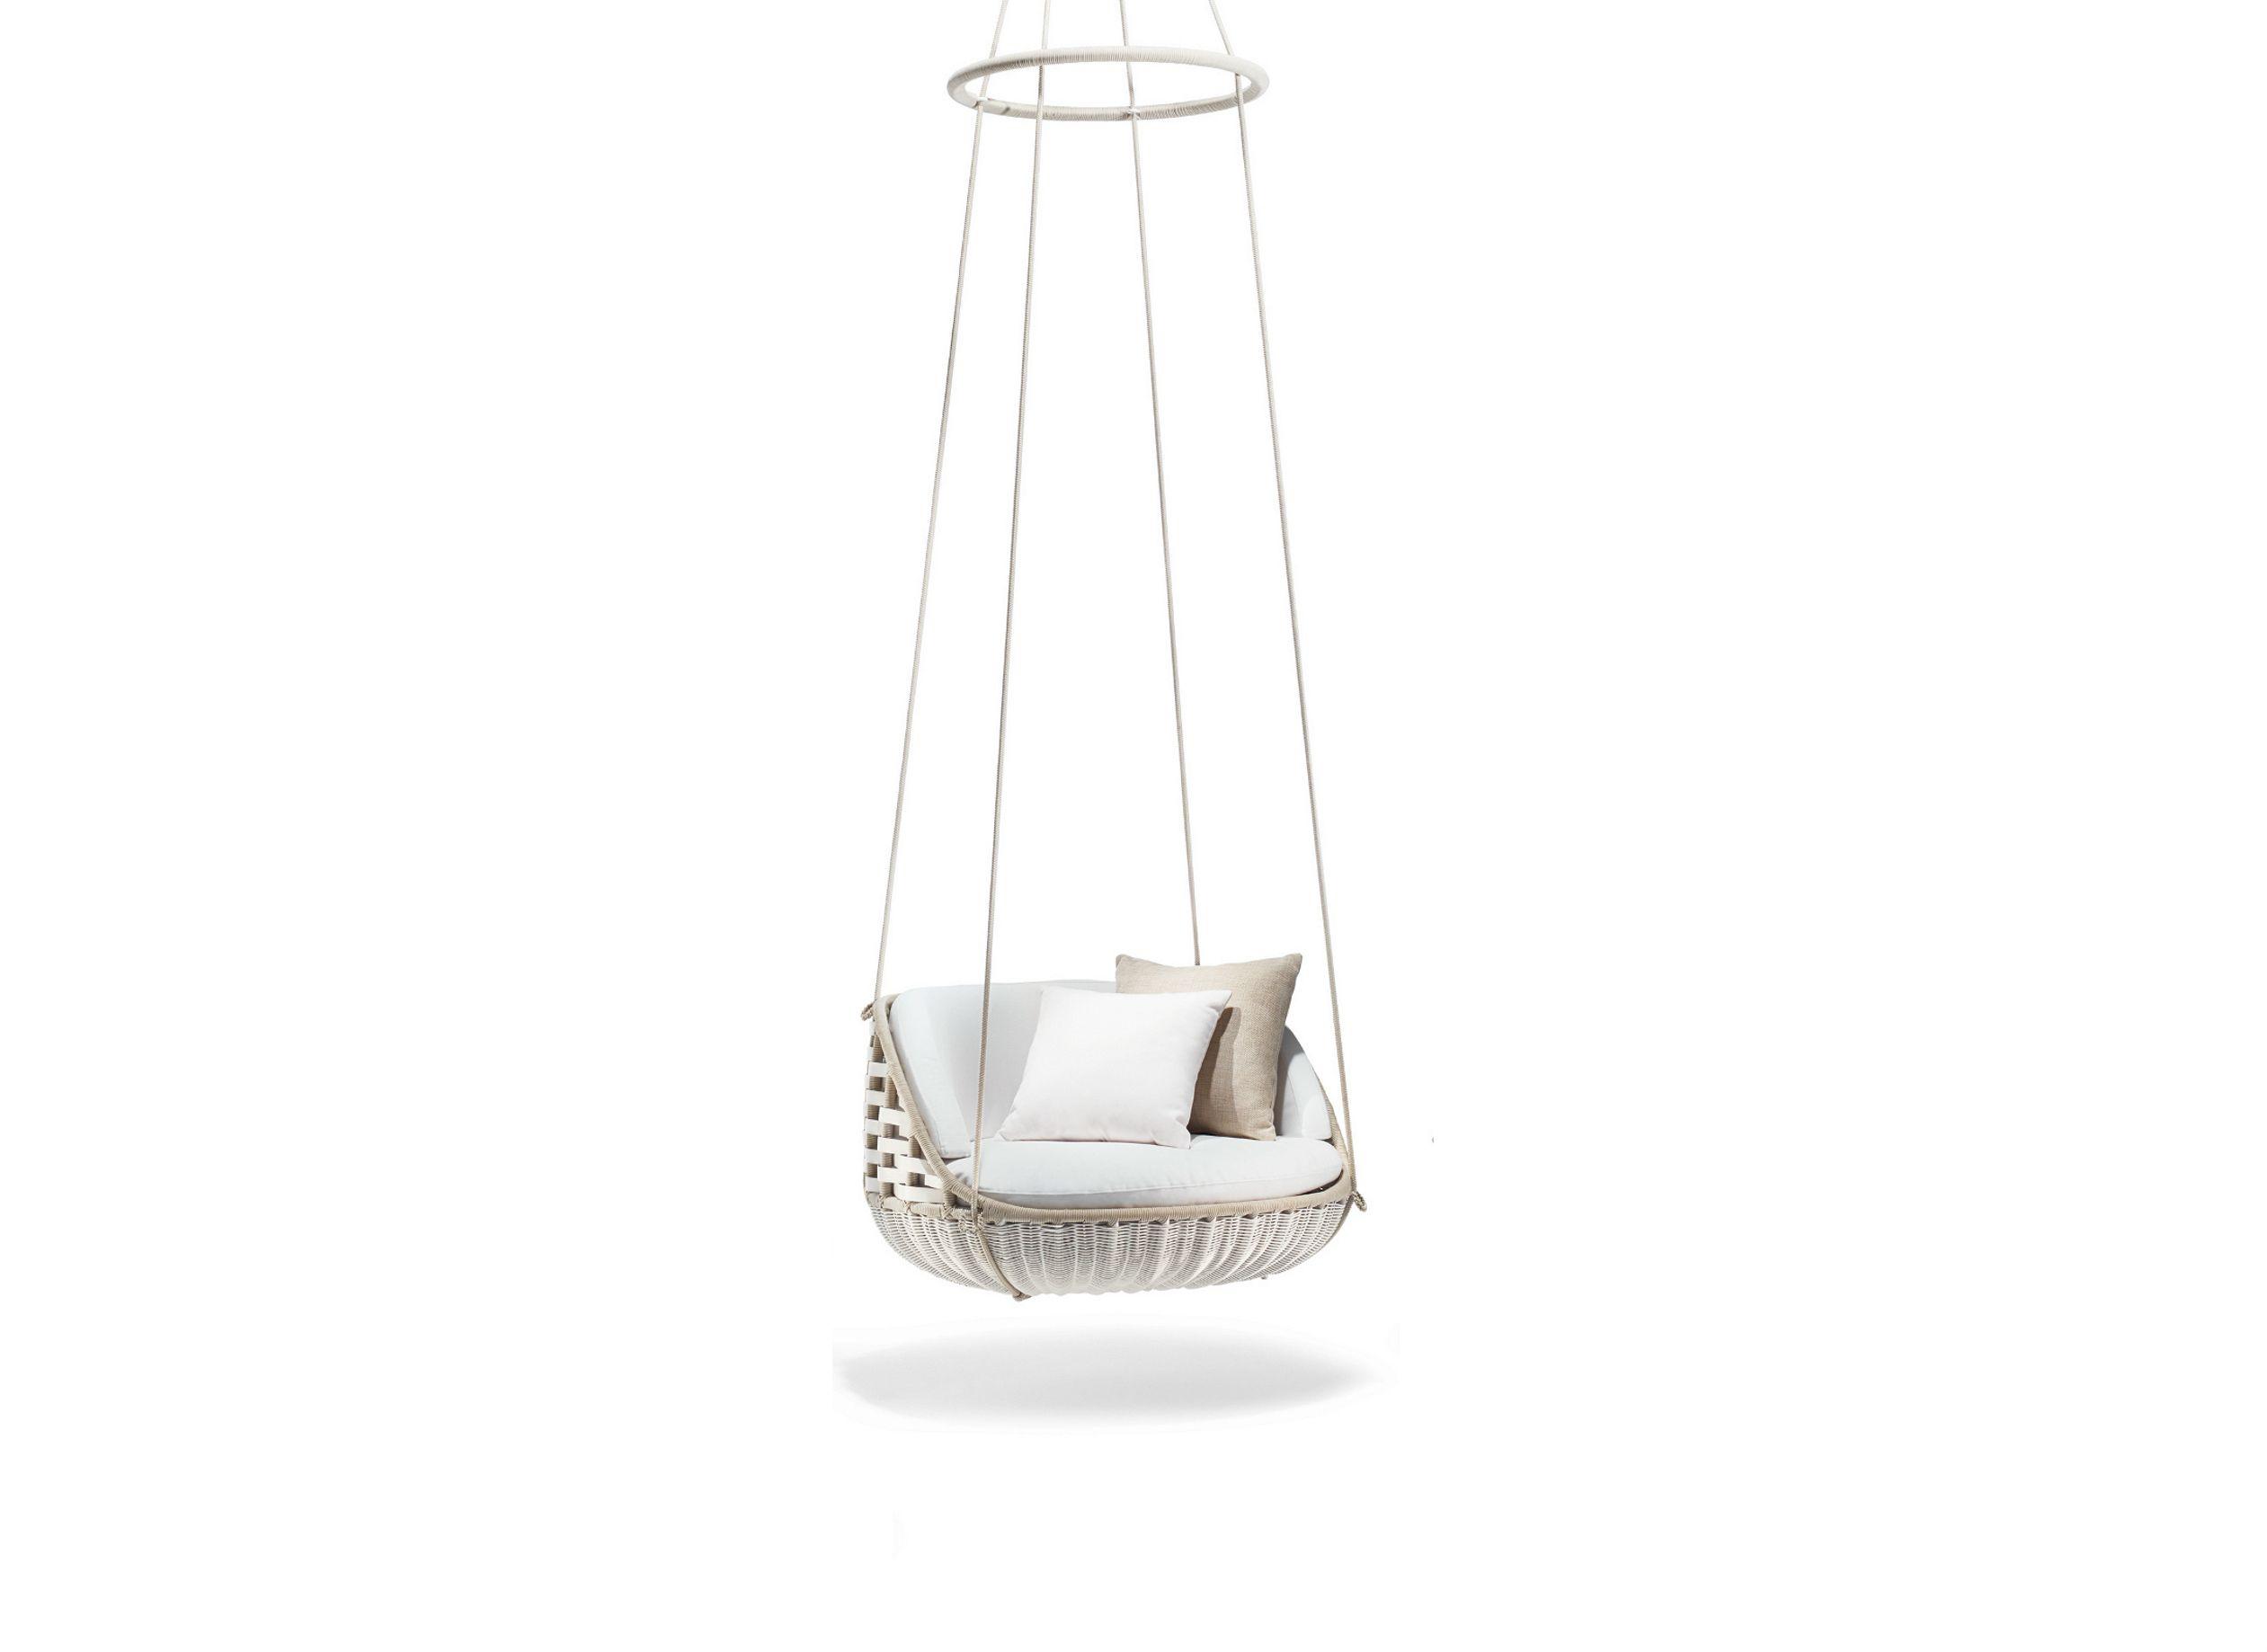 Divano Da Giardino Nestrest Di Dedon : Seduta sospesa in tessuto swingme collezione swingrest